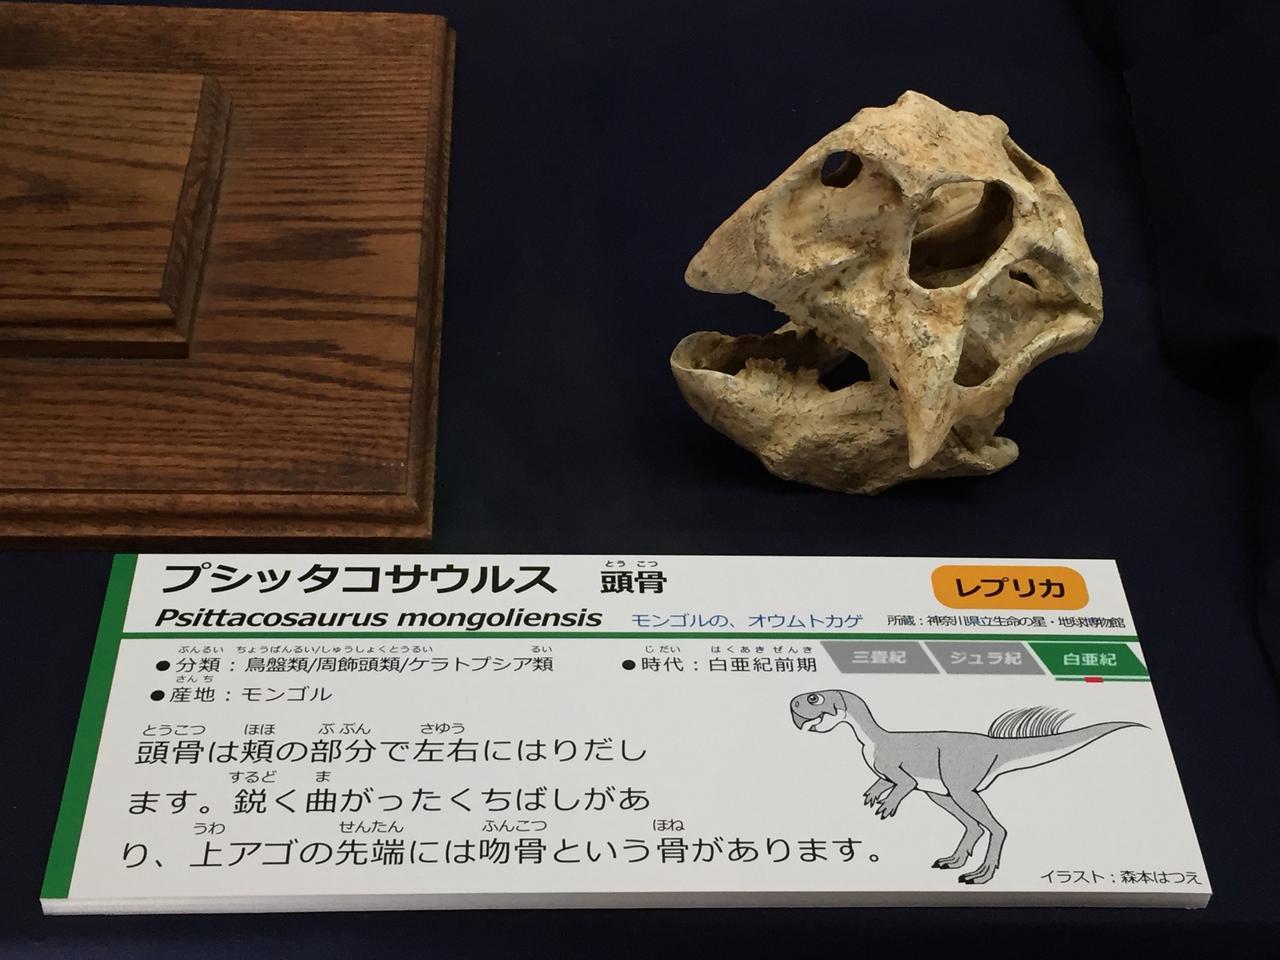 画像: 学名の意味が素敵すぎる恐竜